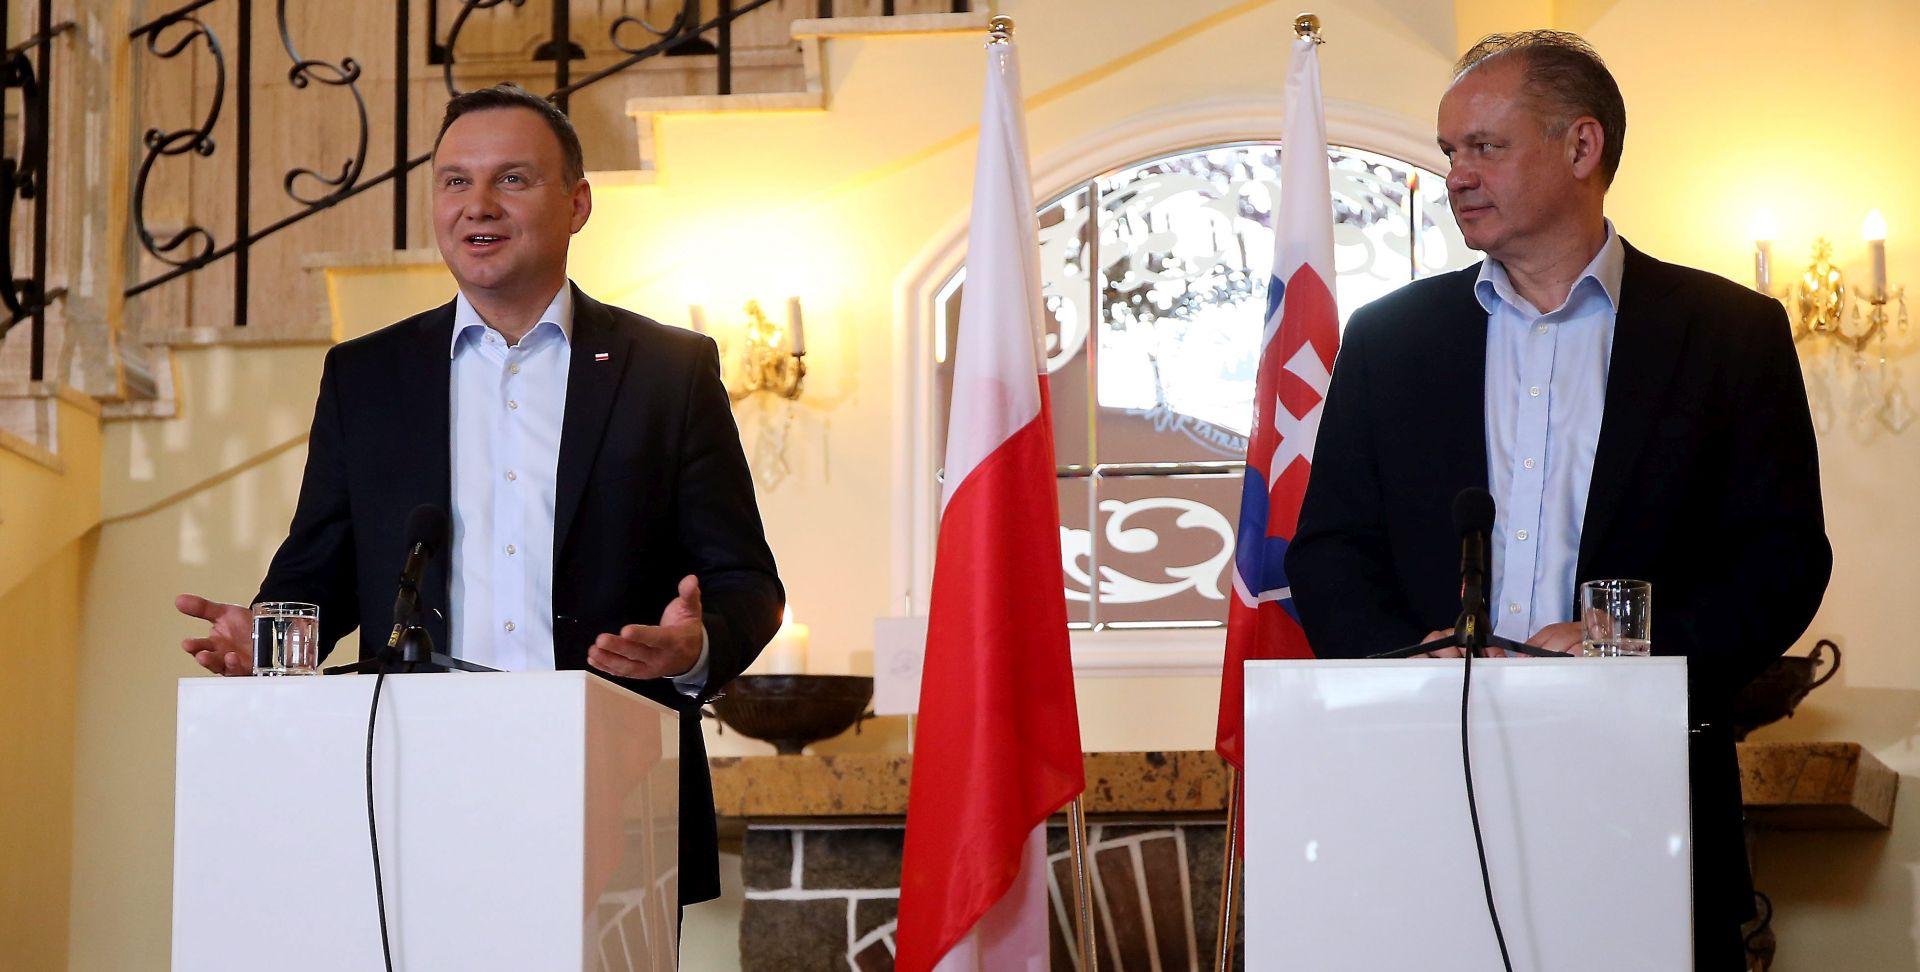 NAKON IZBORA: Slovački predsjednik dat će Ficu mandat za sastavljanje vlade